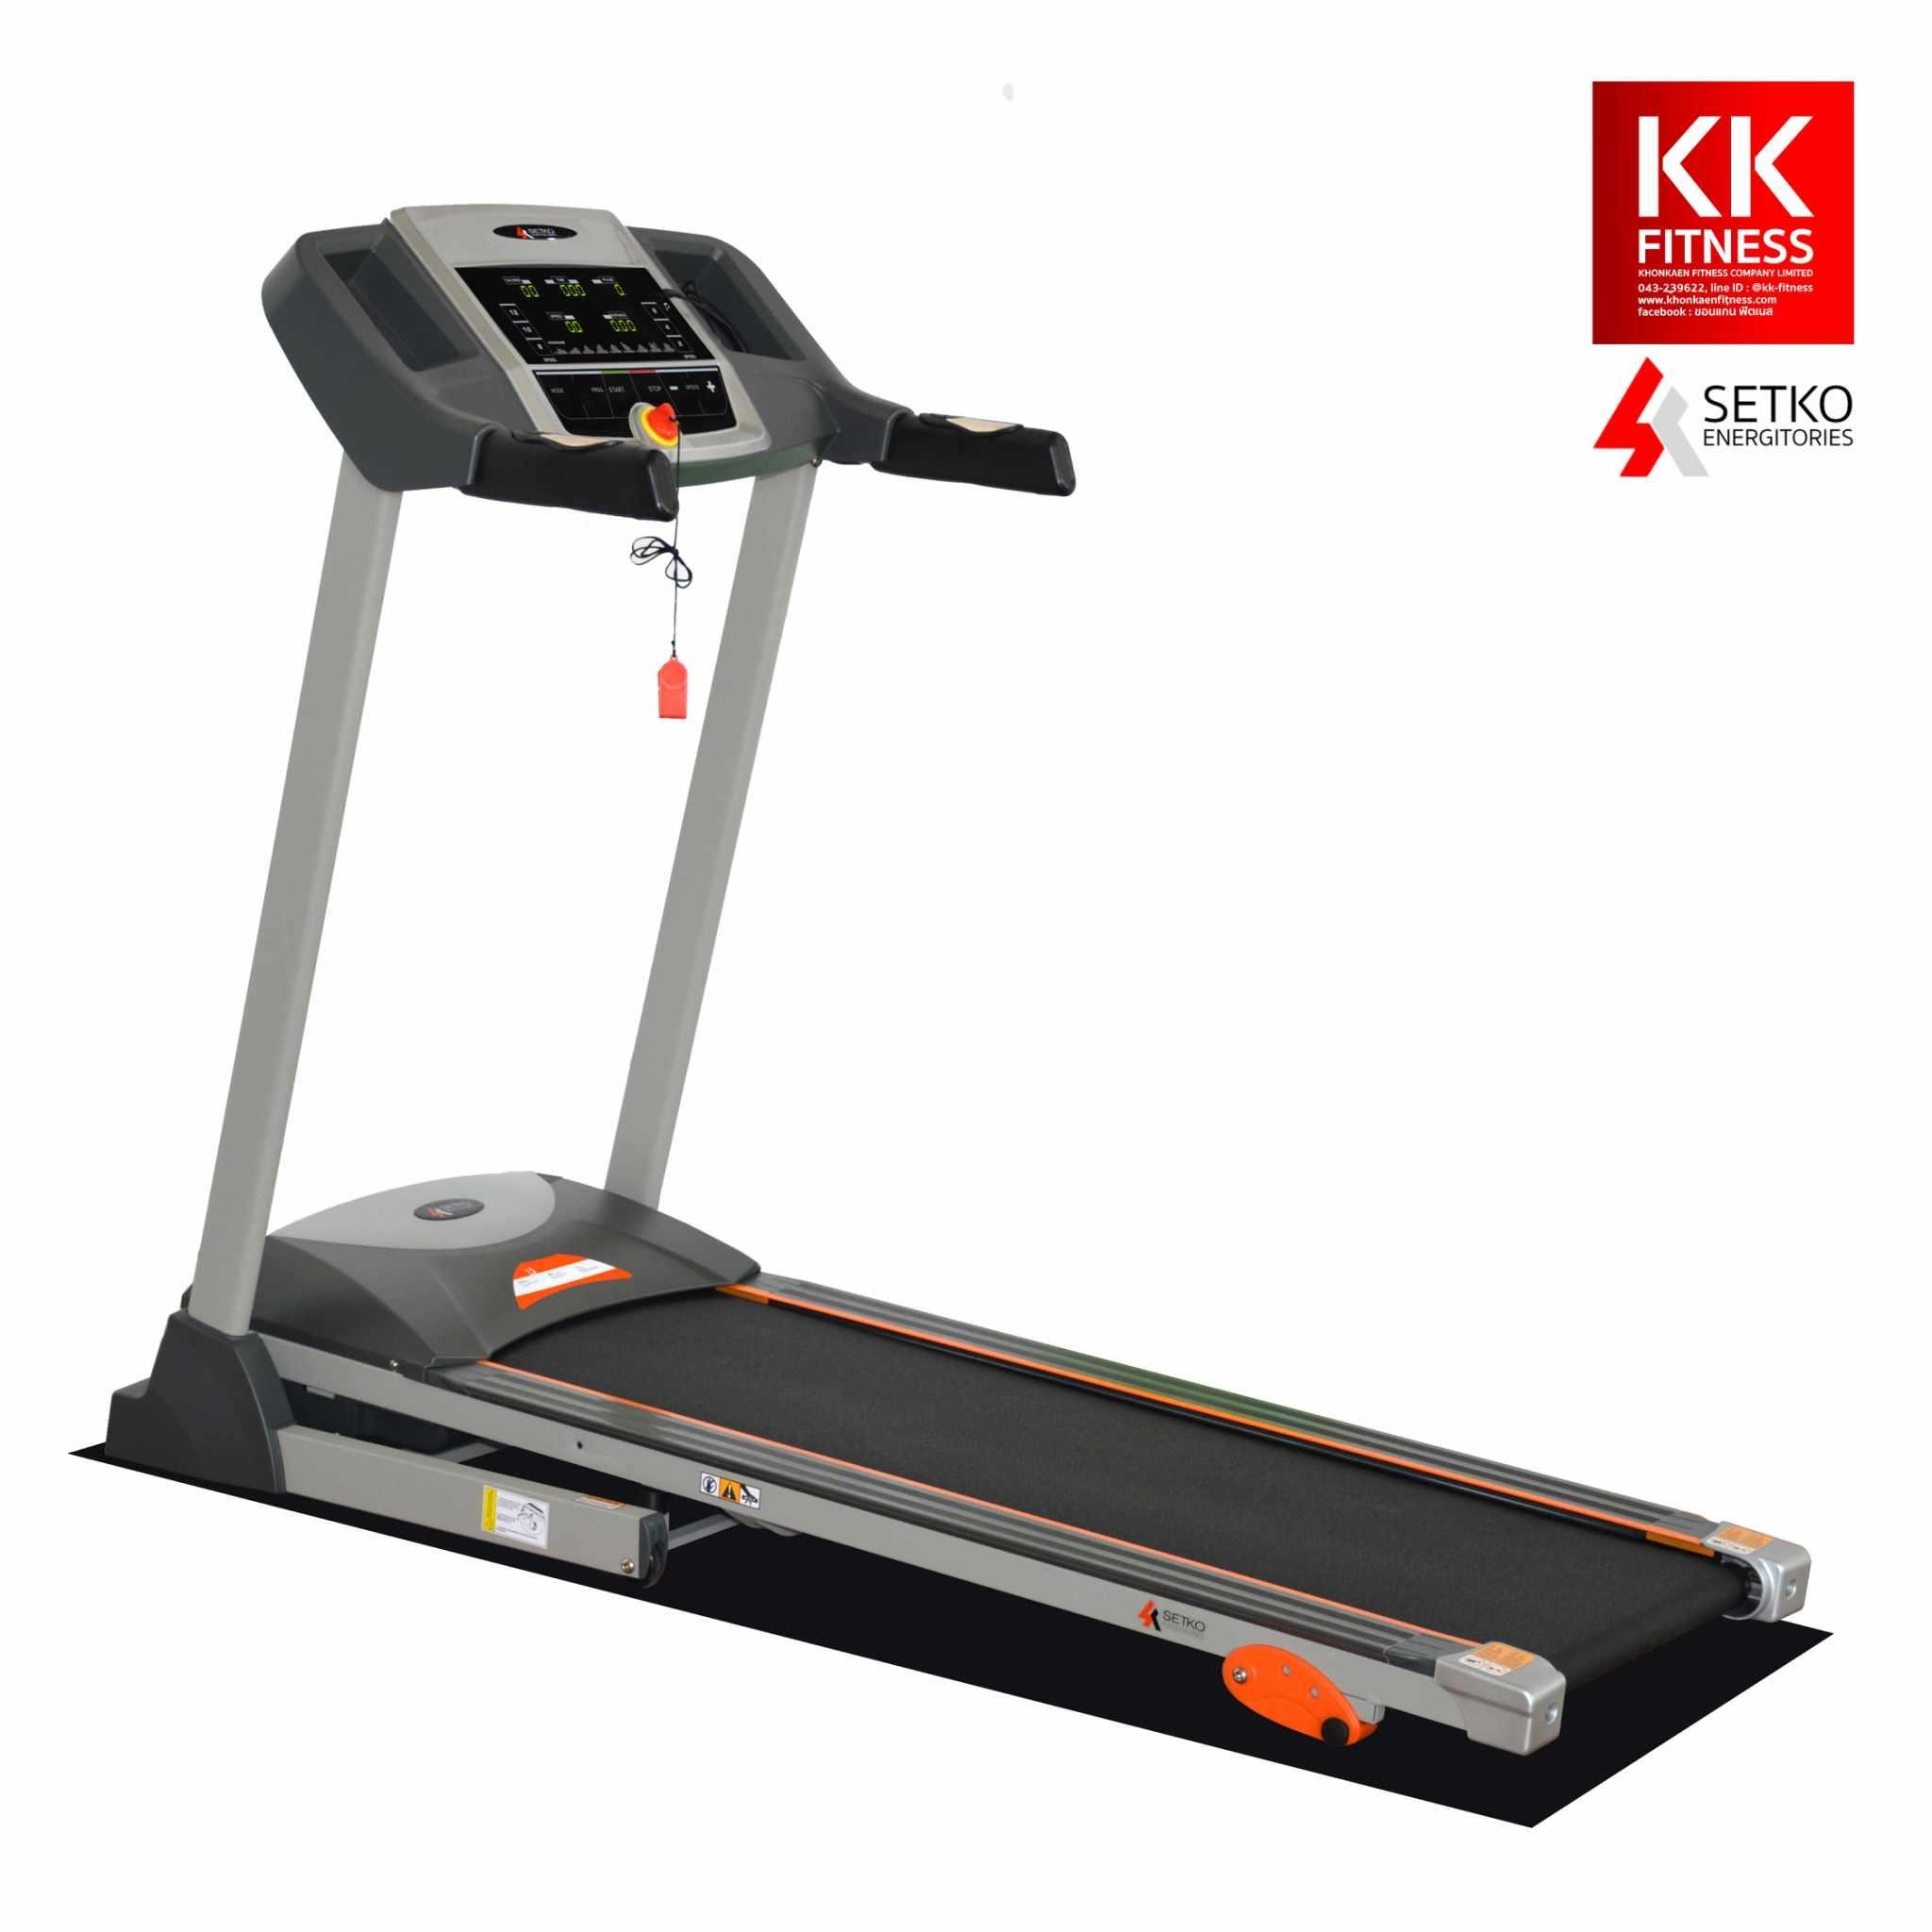 ลู่วิ่งไฟฟ้า : Setko SK1403 - 1.50 HP